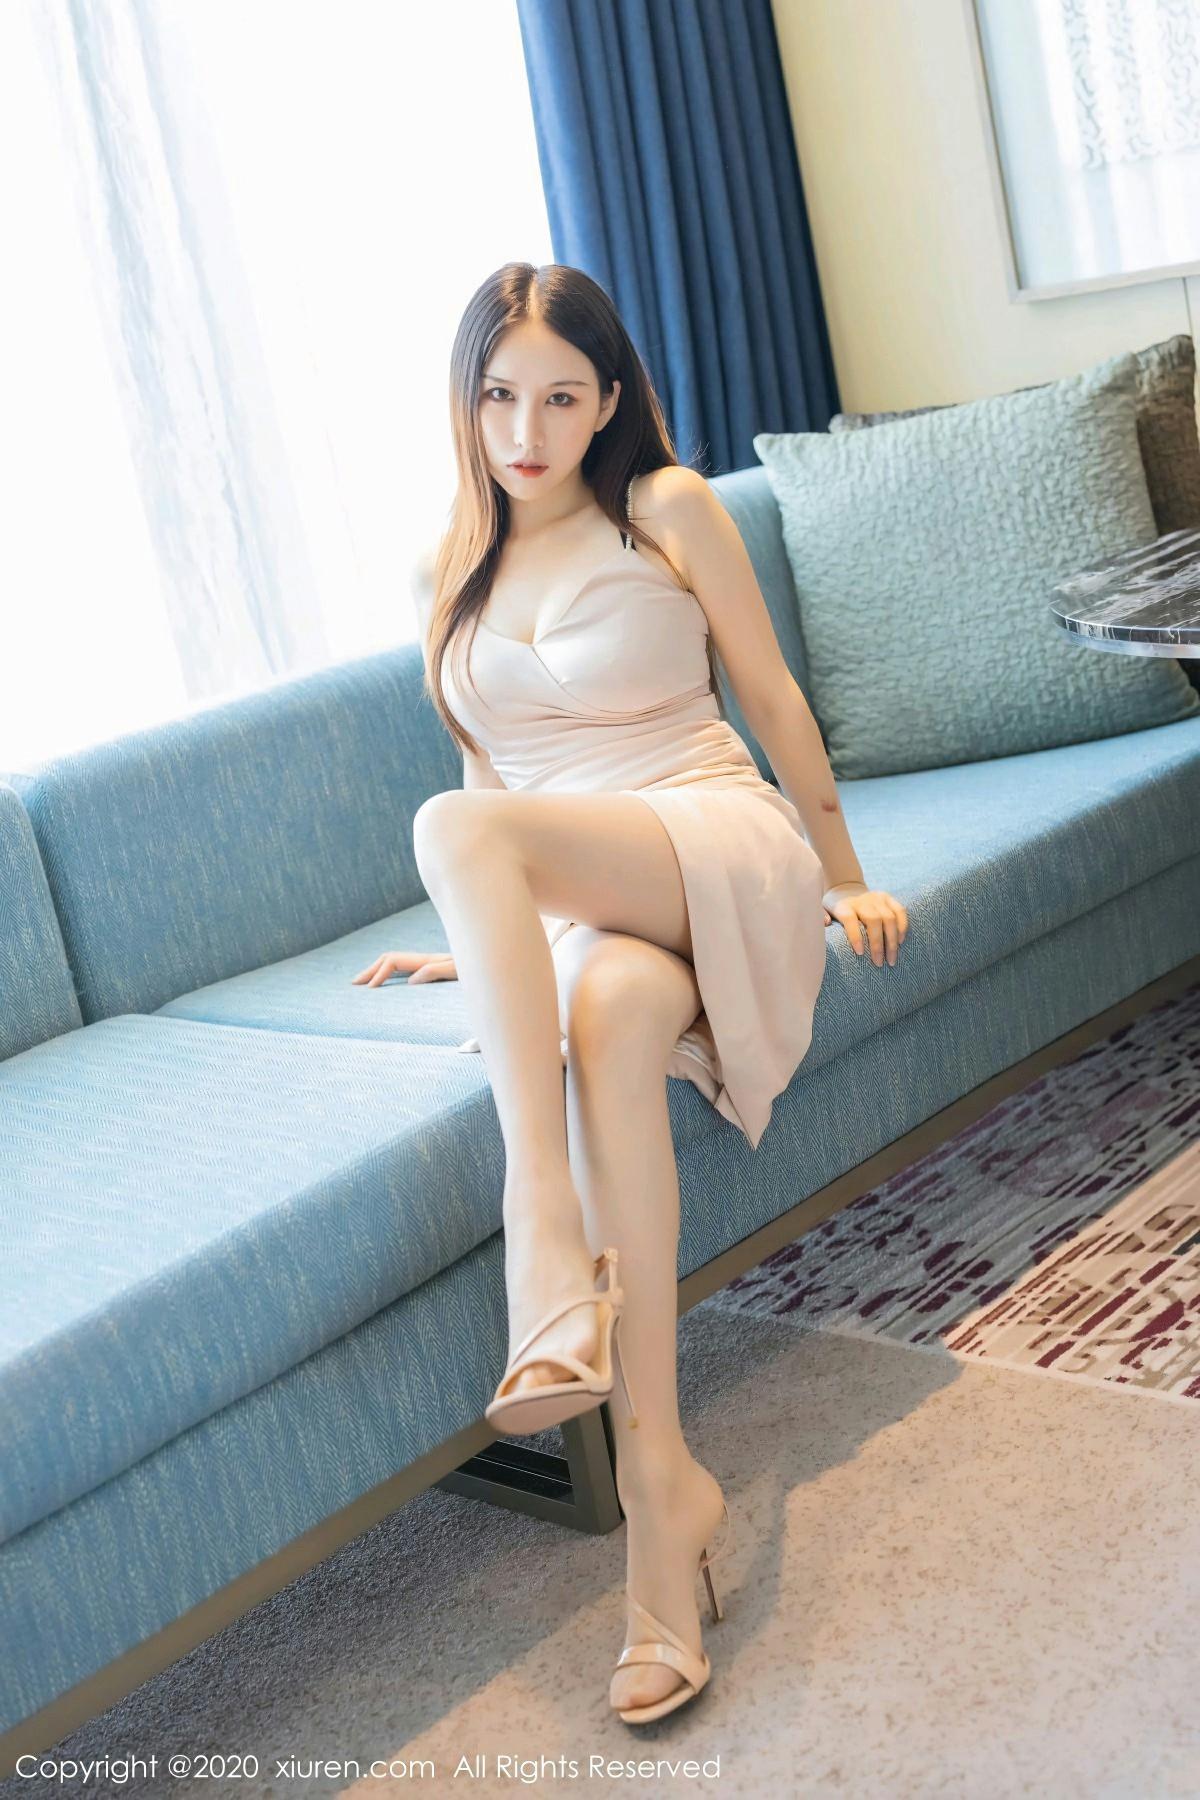 [XiuRen秀人网] 2020.08.31 No.2505 月音瞳 极致丝袜美腿 第2张